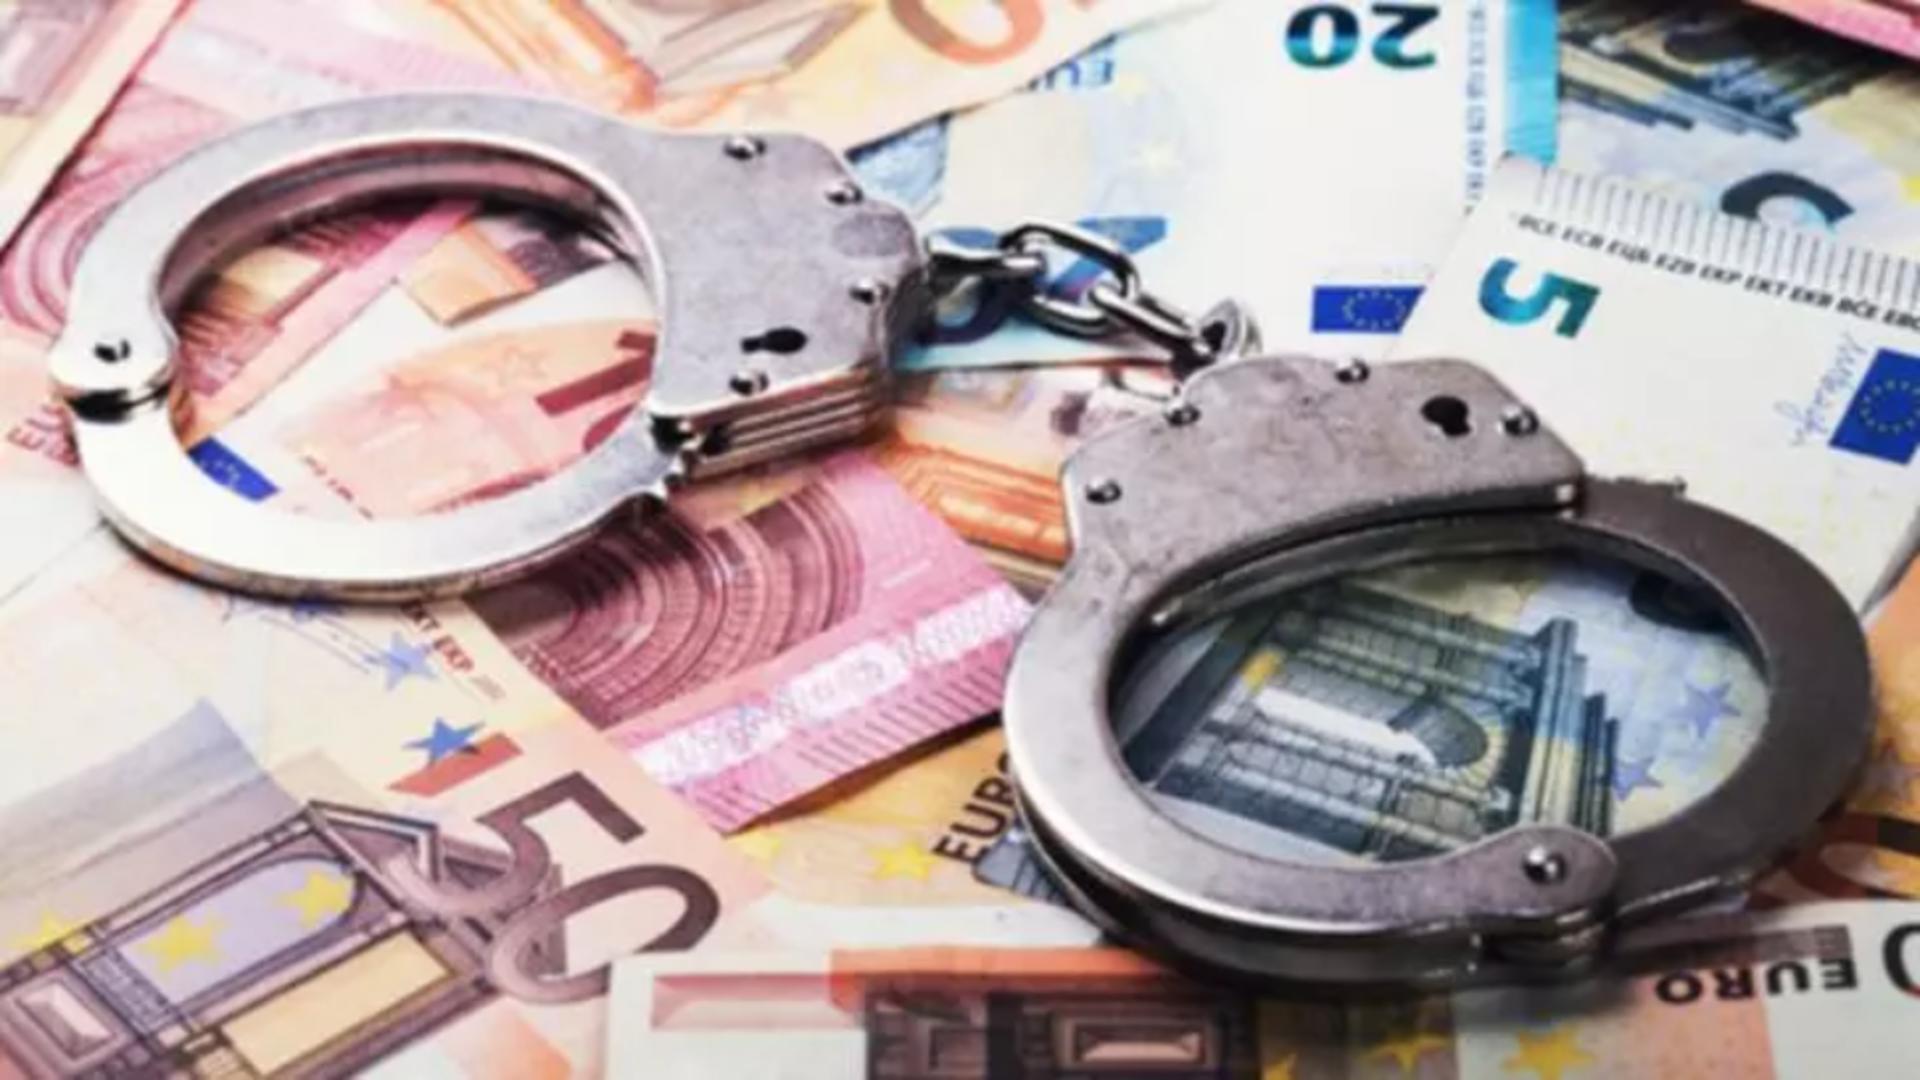 Anchetă de amploare privind acordarea permiselor auto la Suceava